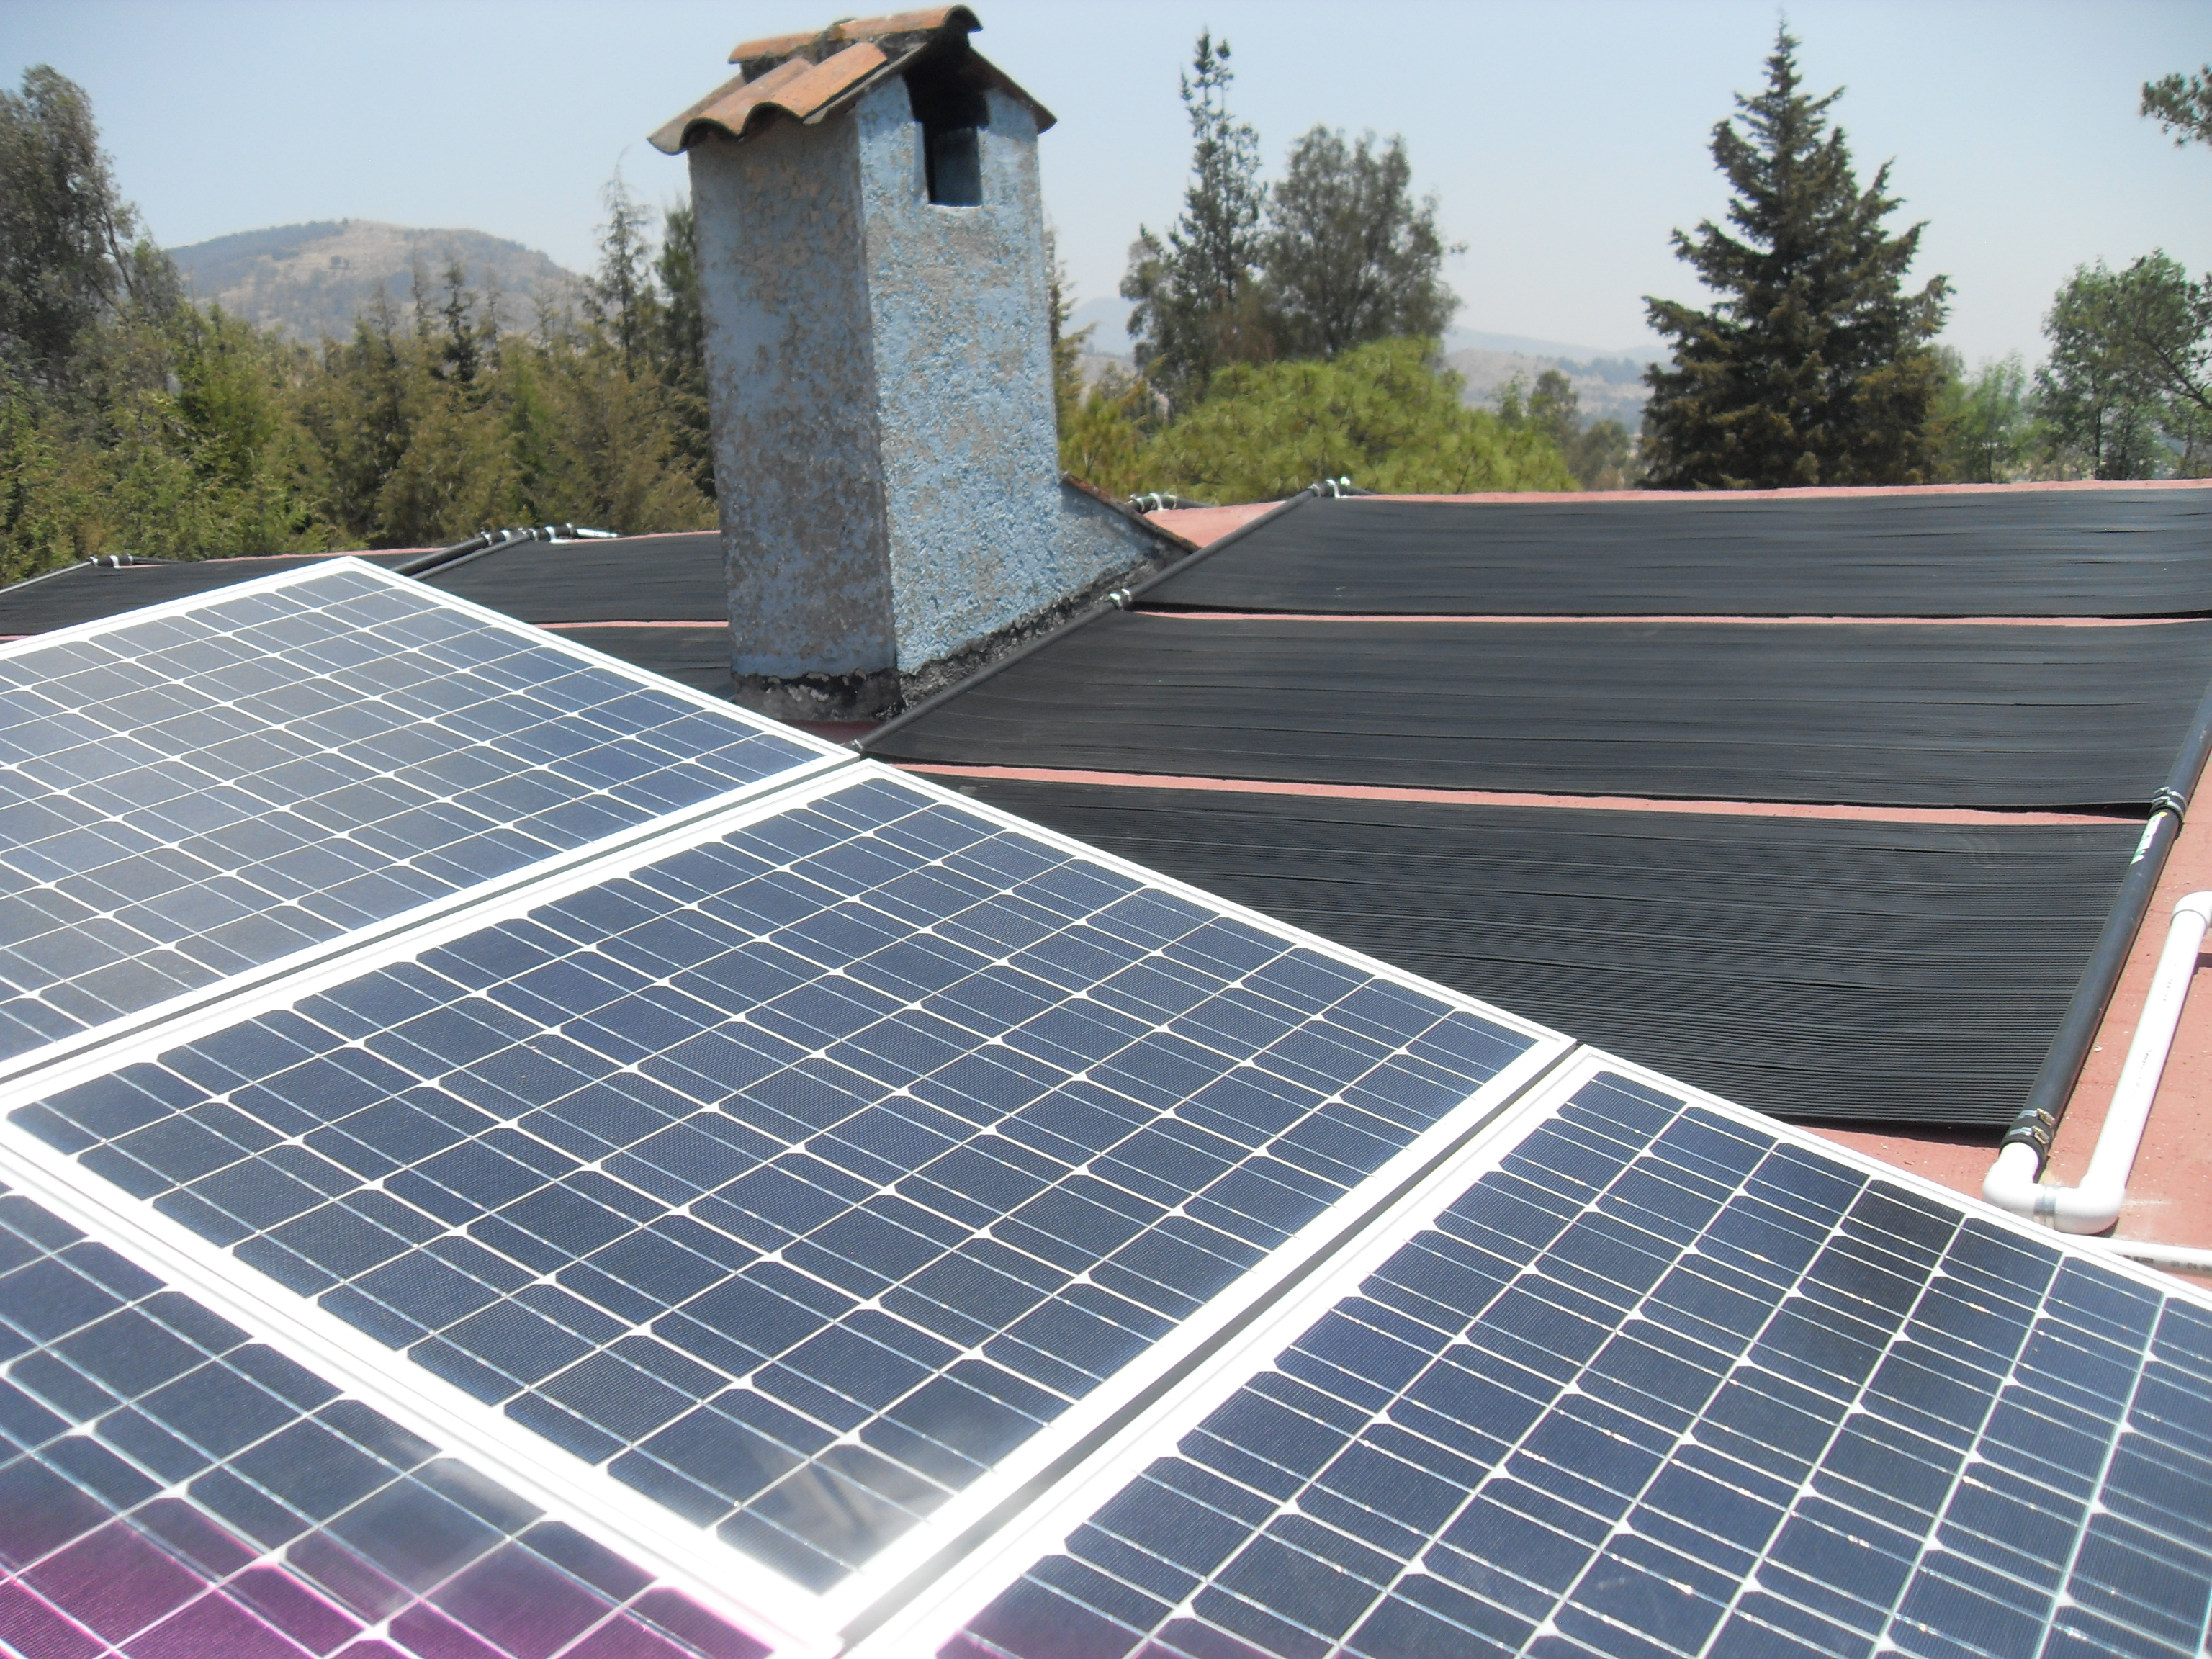 https://0201.nccdn.net/1_2/000/000/0d8/849/Sistema-Combinado--Termico-Fotovoltaico-2.jpg